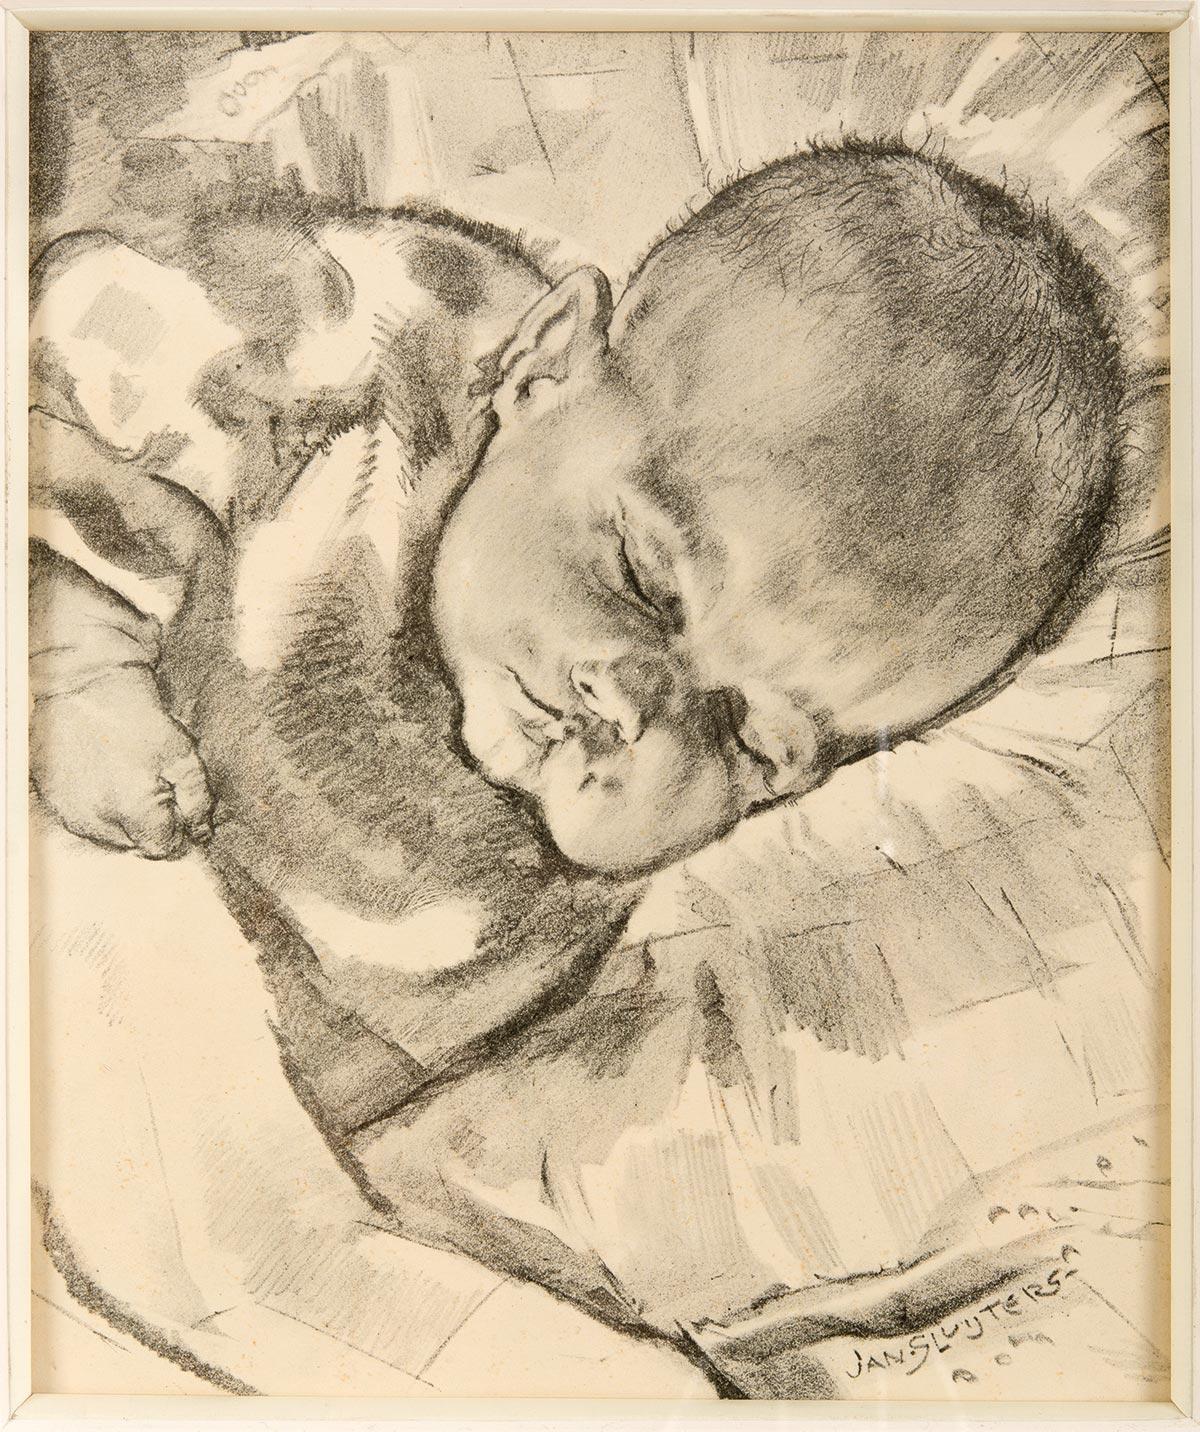 Jan Sluijters (1881-1957), Slapende baby tekening houtskool/potlood, gesigneerd